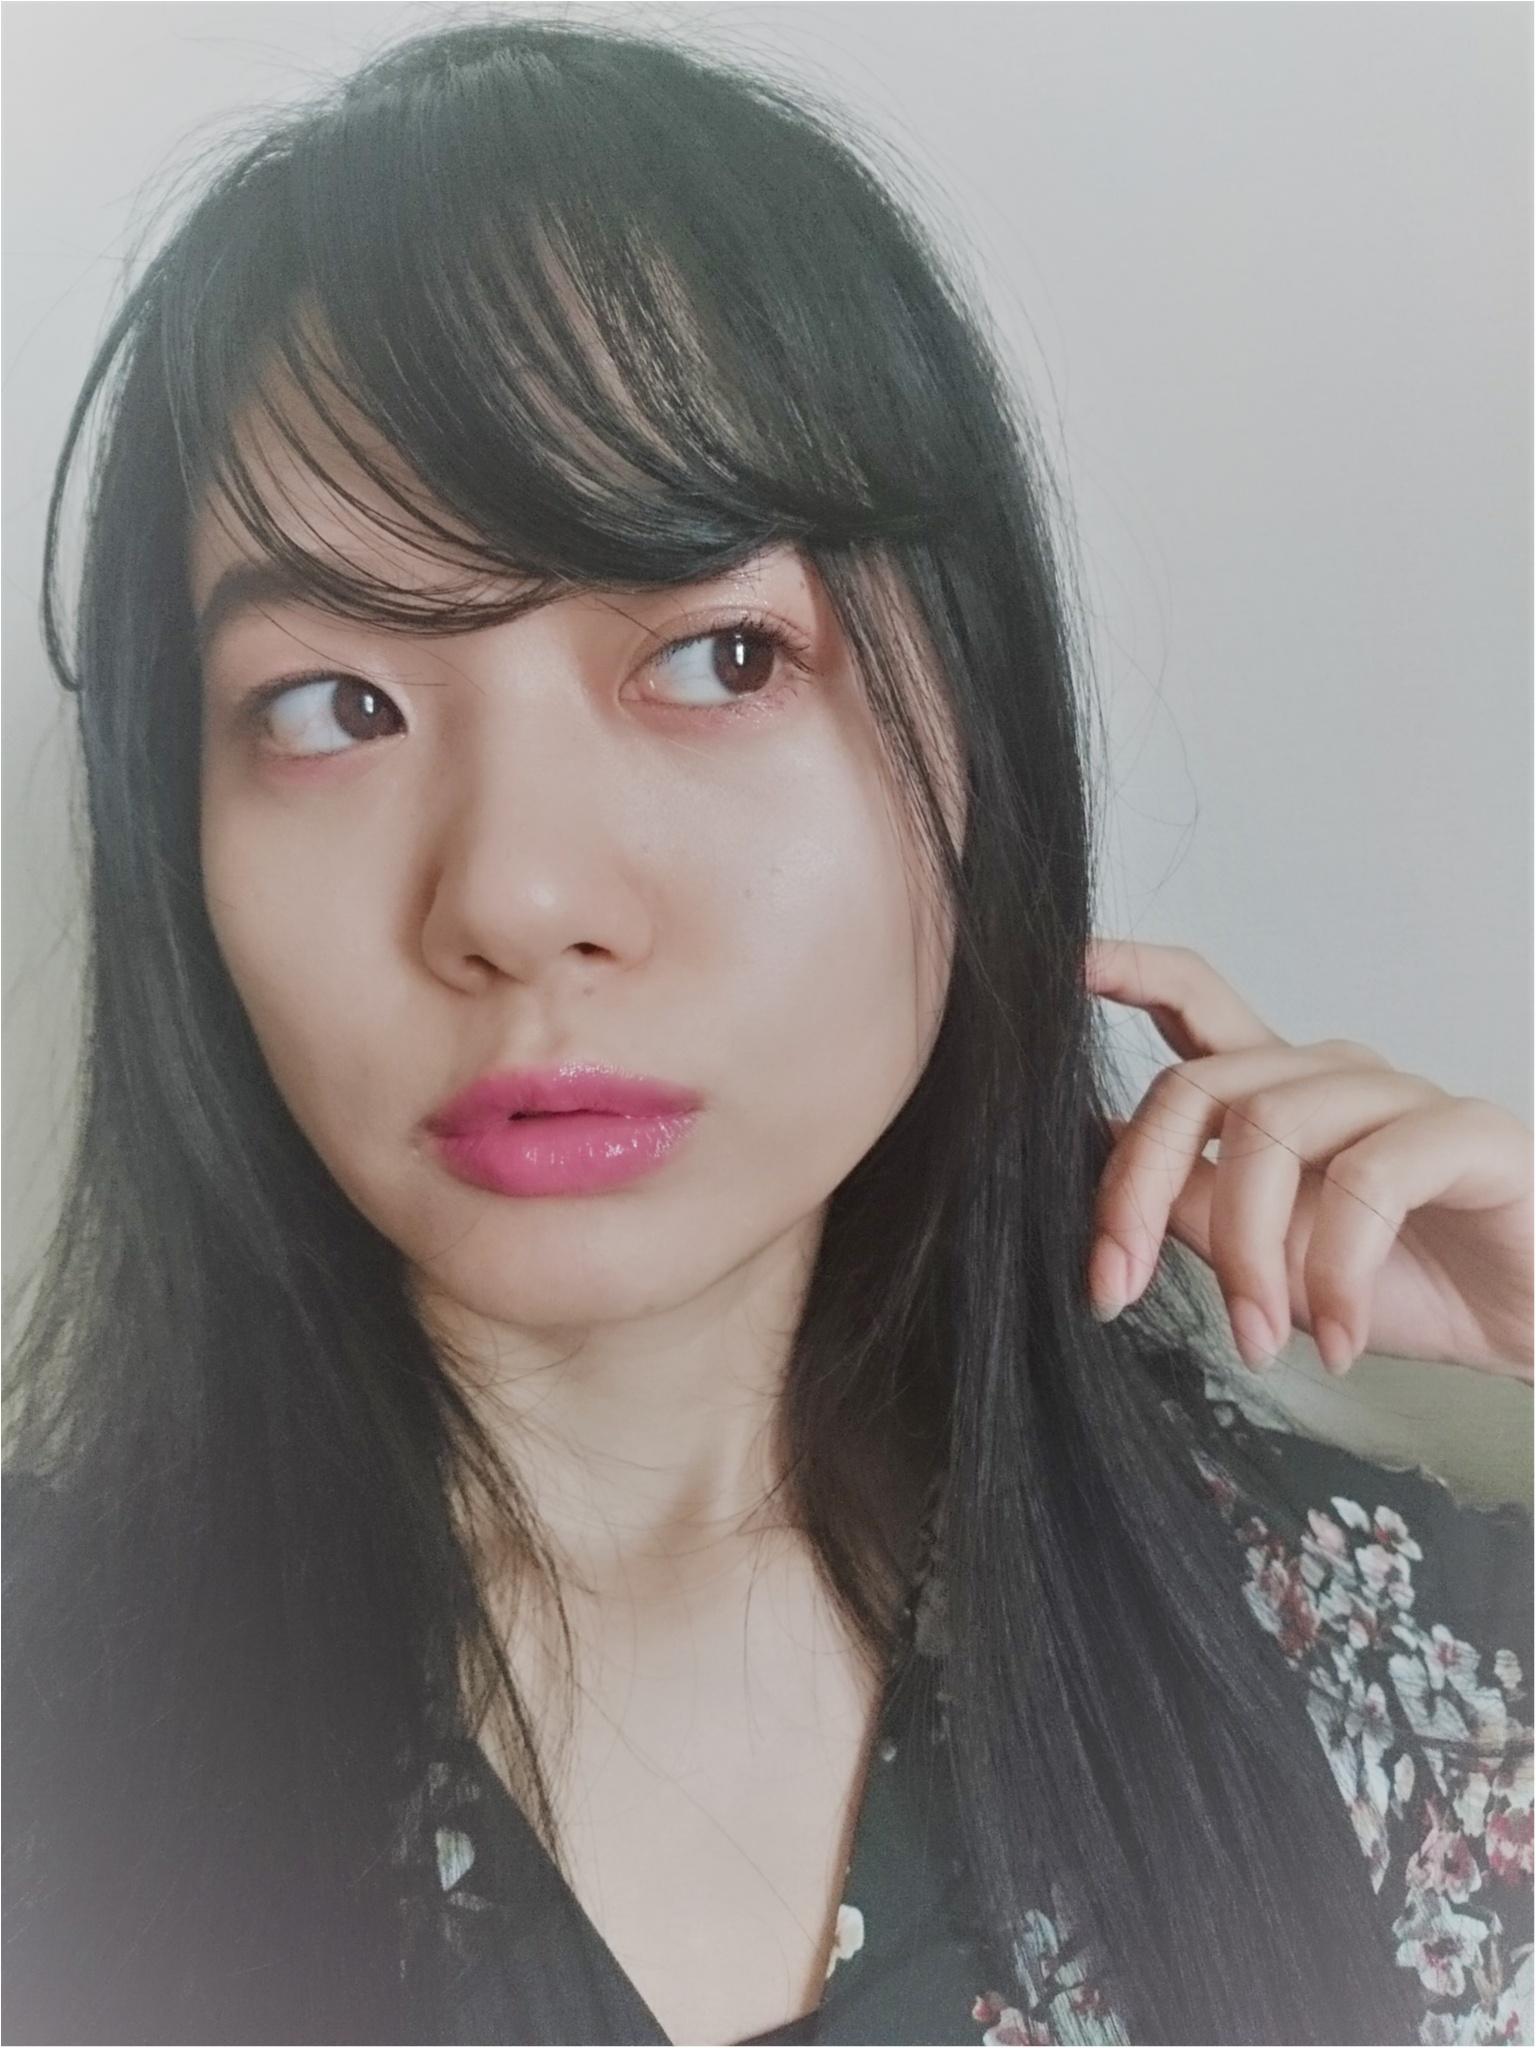 【春メイク】新作&新色 春コスメを使った桜ピンクメイクアップ♡_5